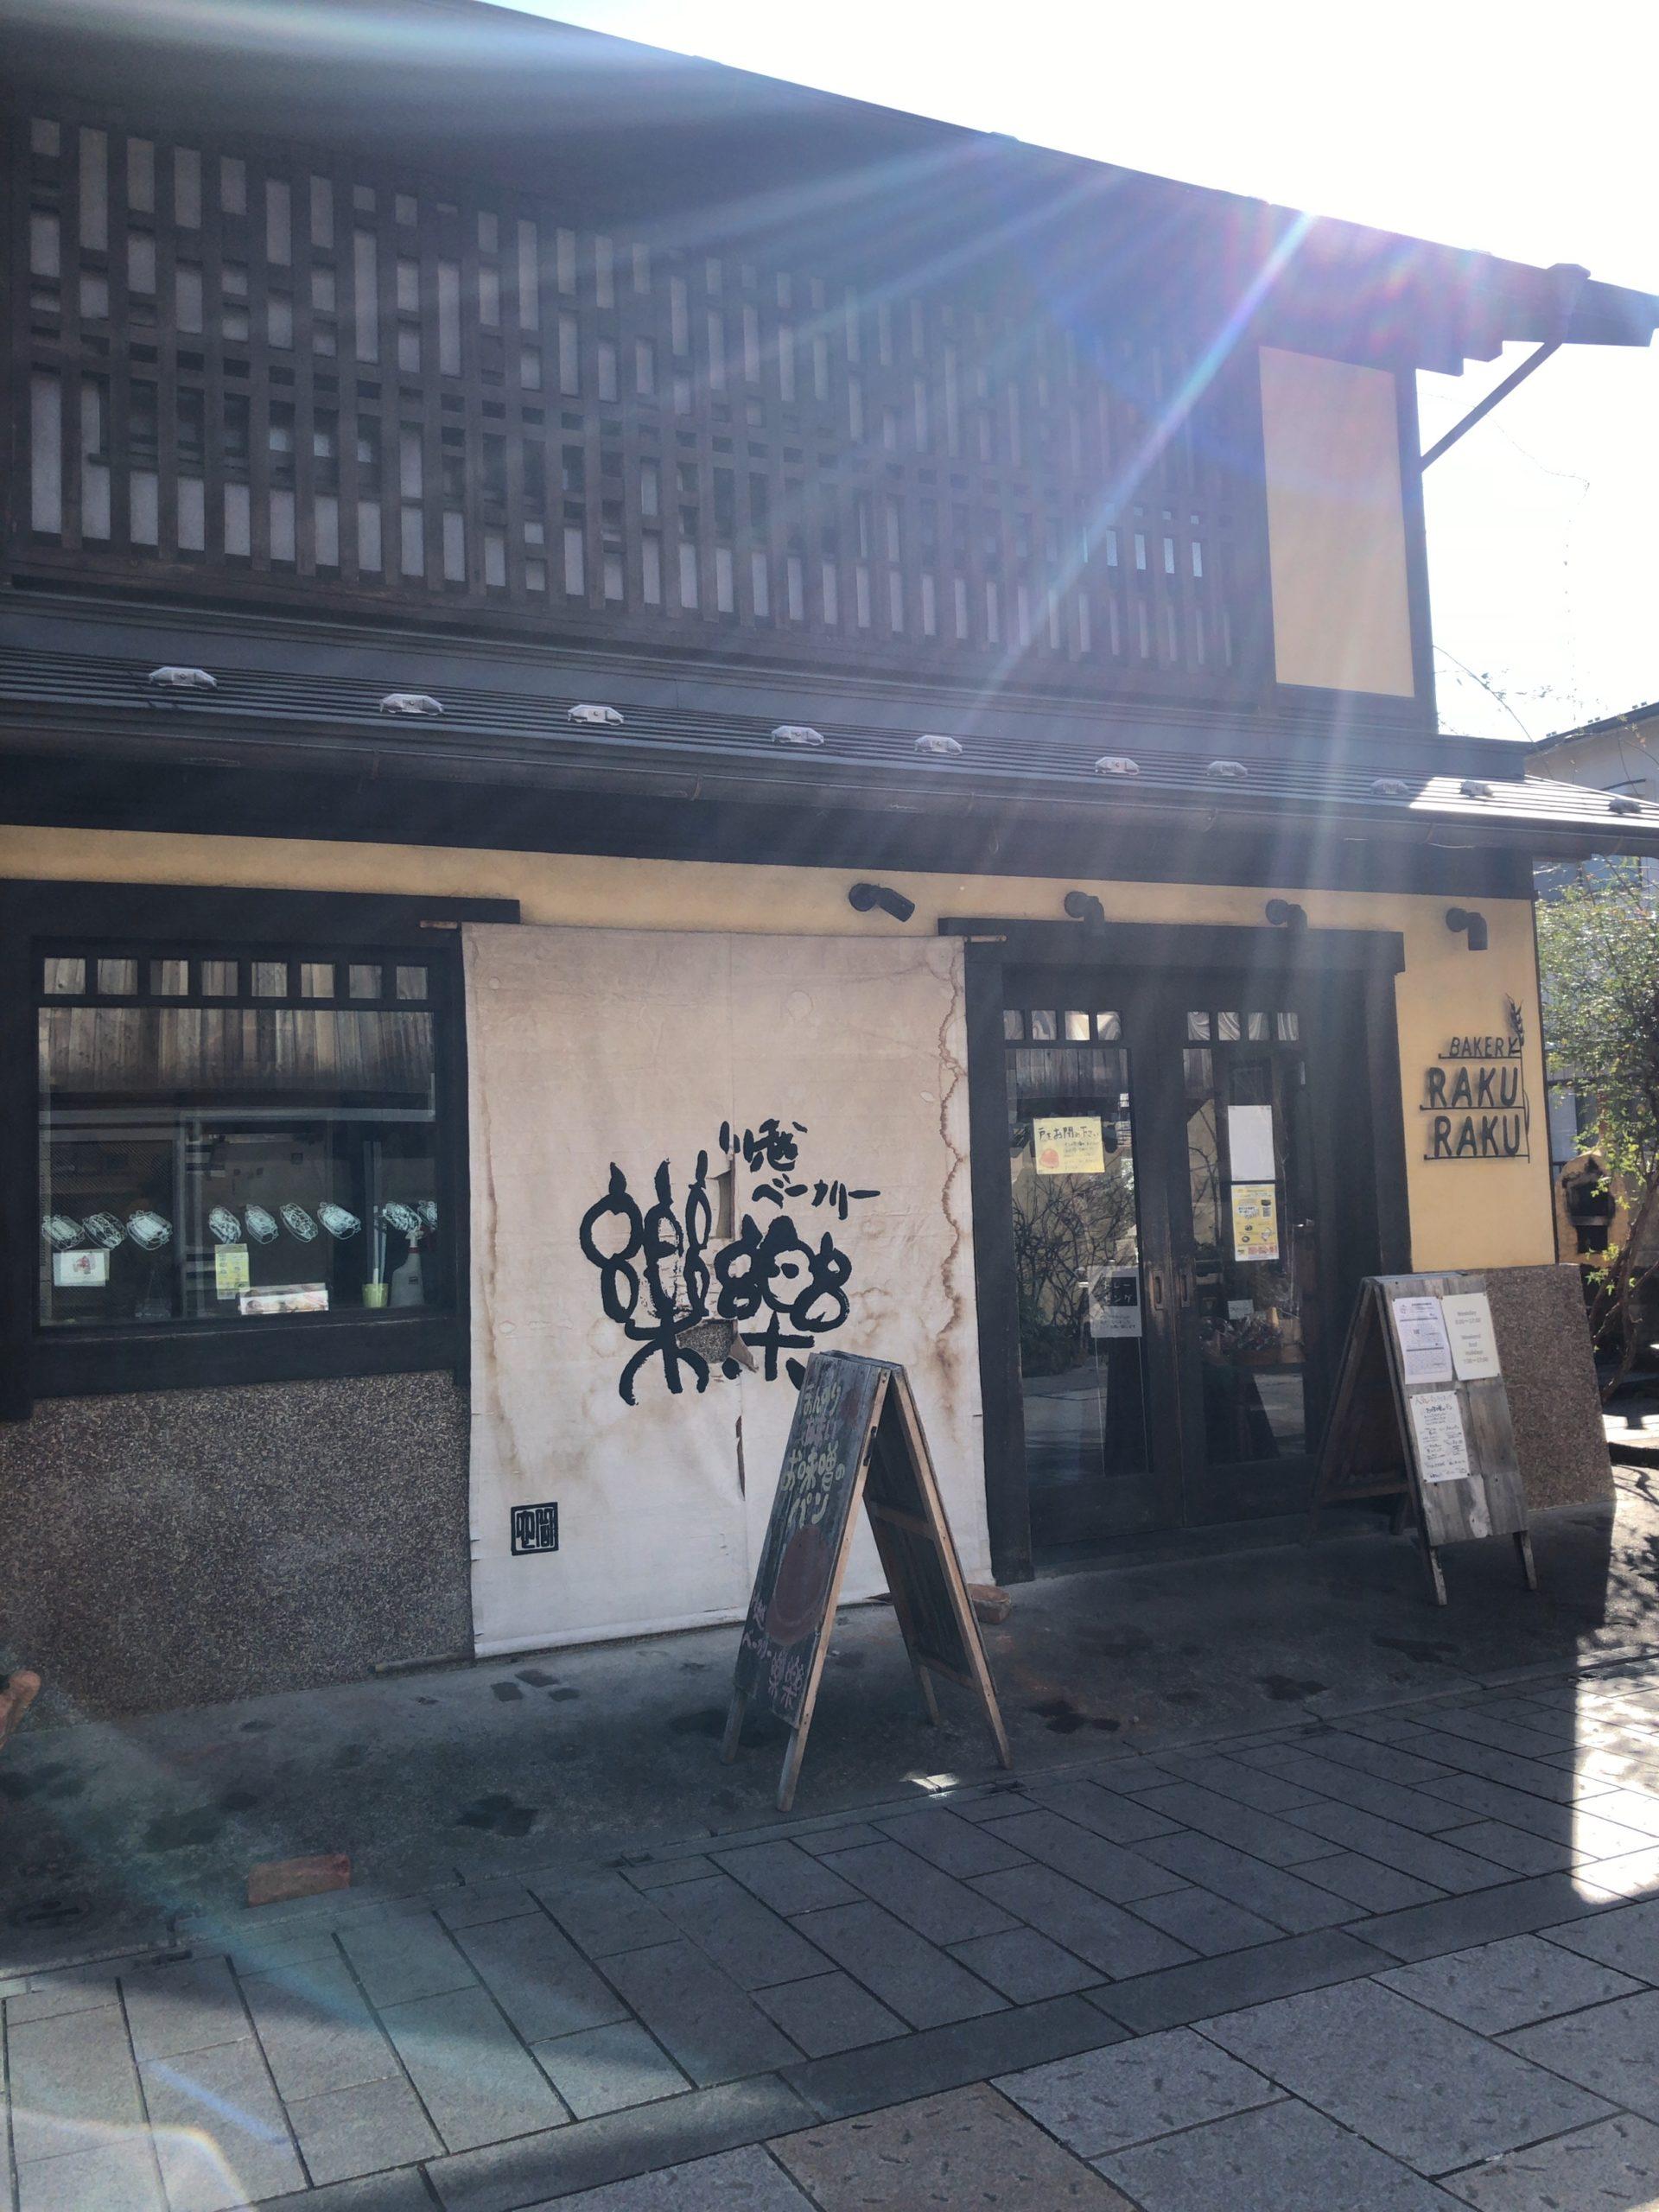 【川越】菓子屋横丁にある「川越ベーカリー 楽楽」で焼き立てのモーニングを楽しんできました